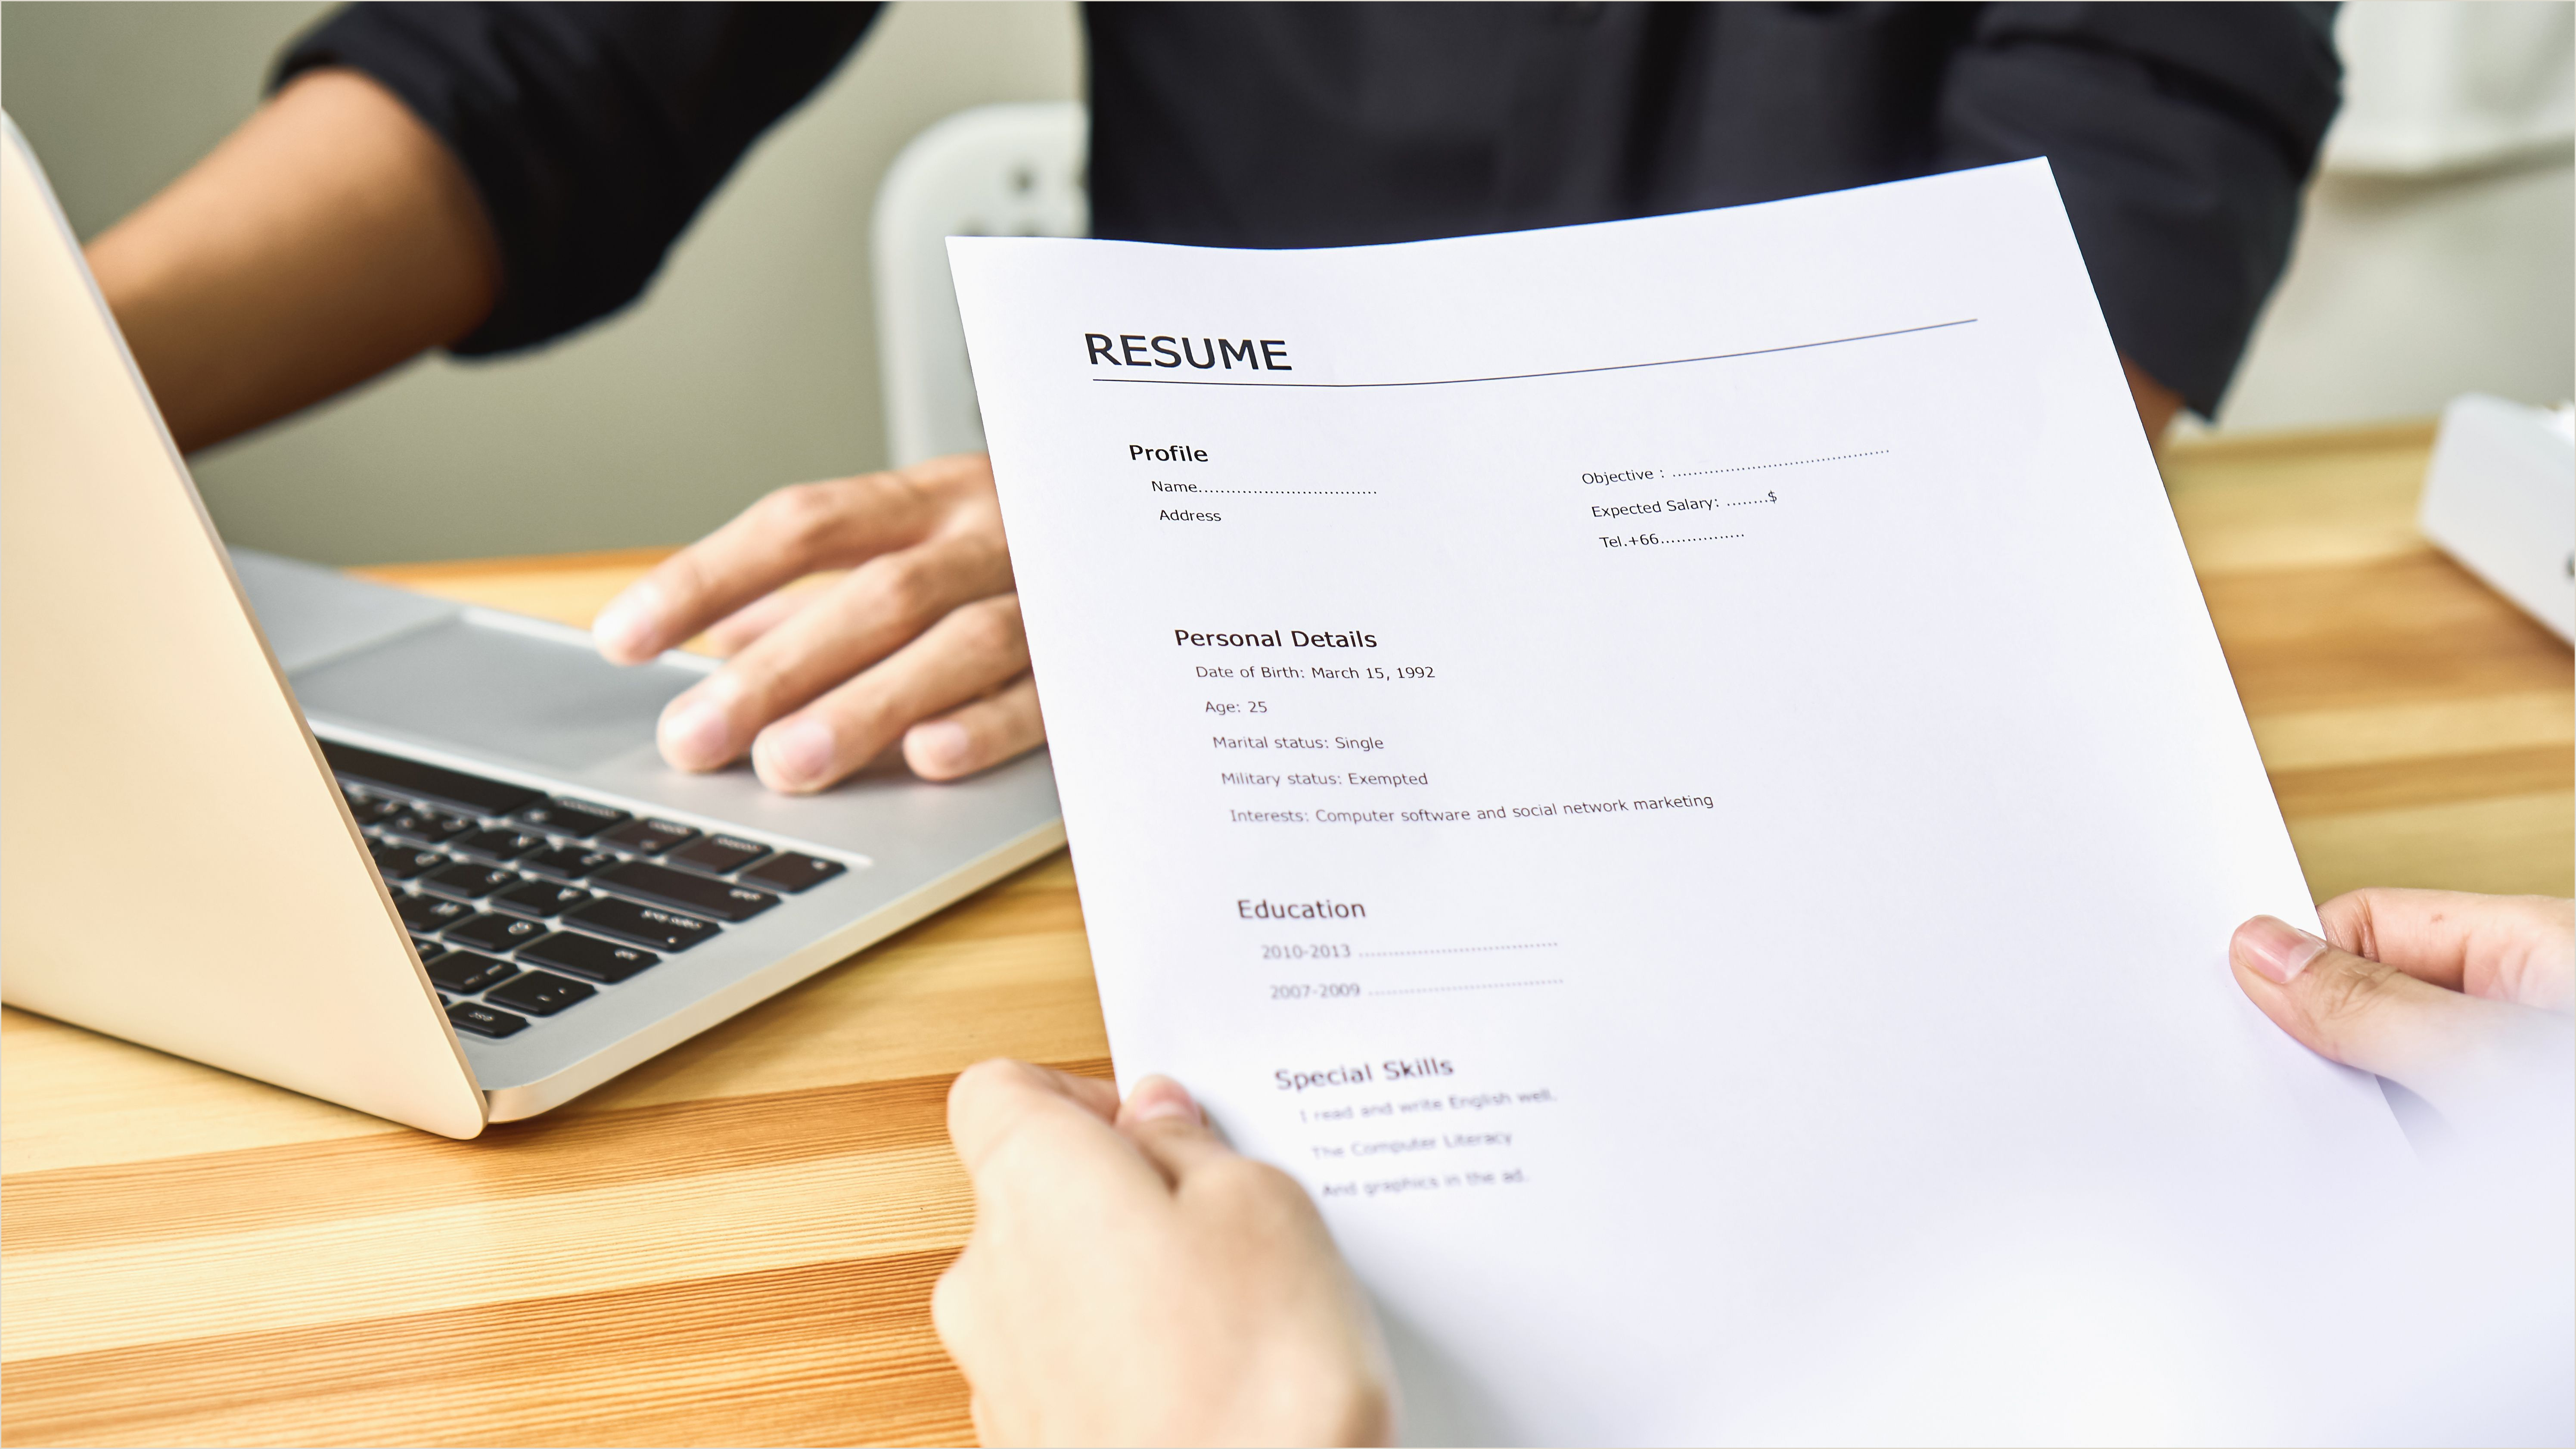 Standard Settings for Resume Margins